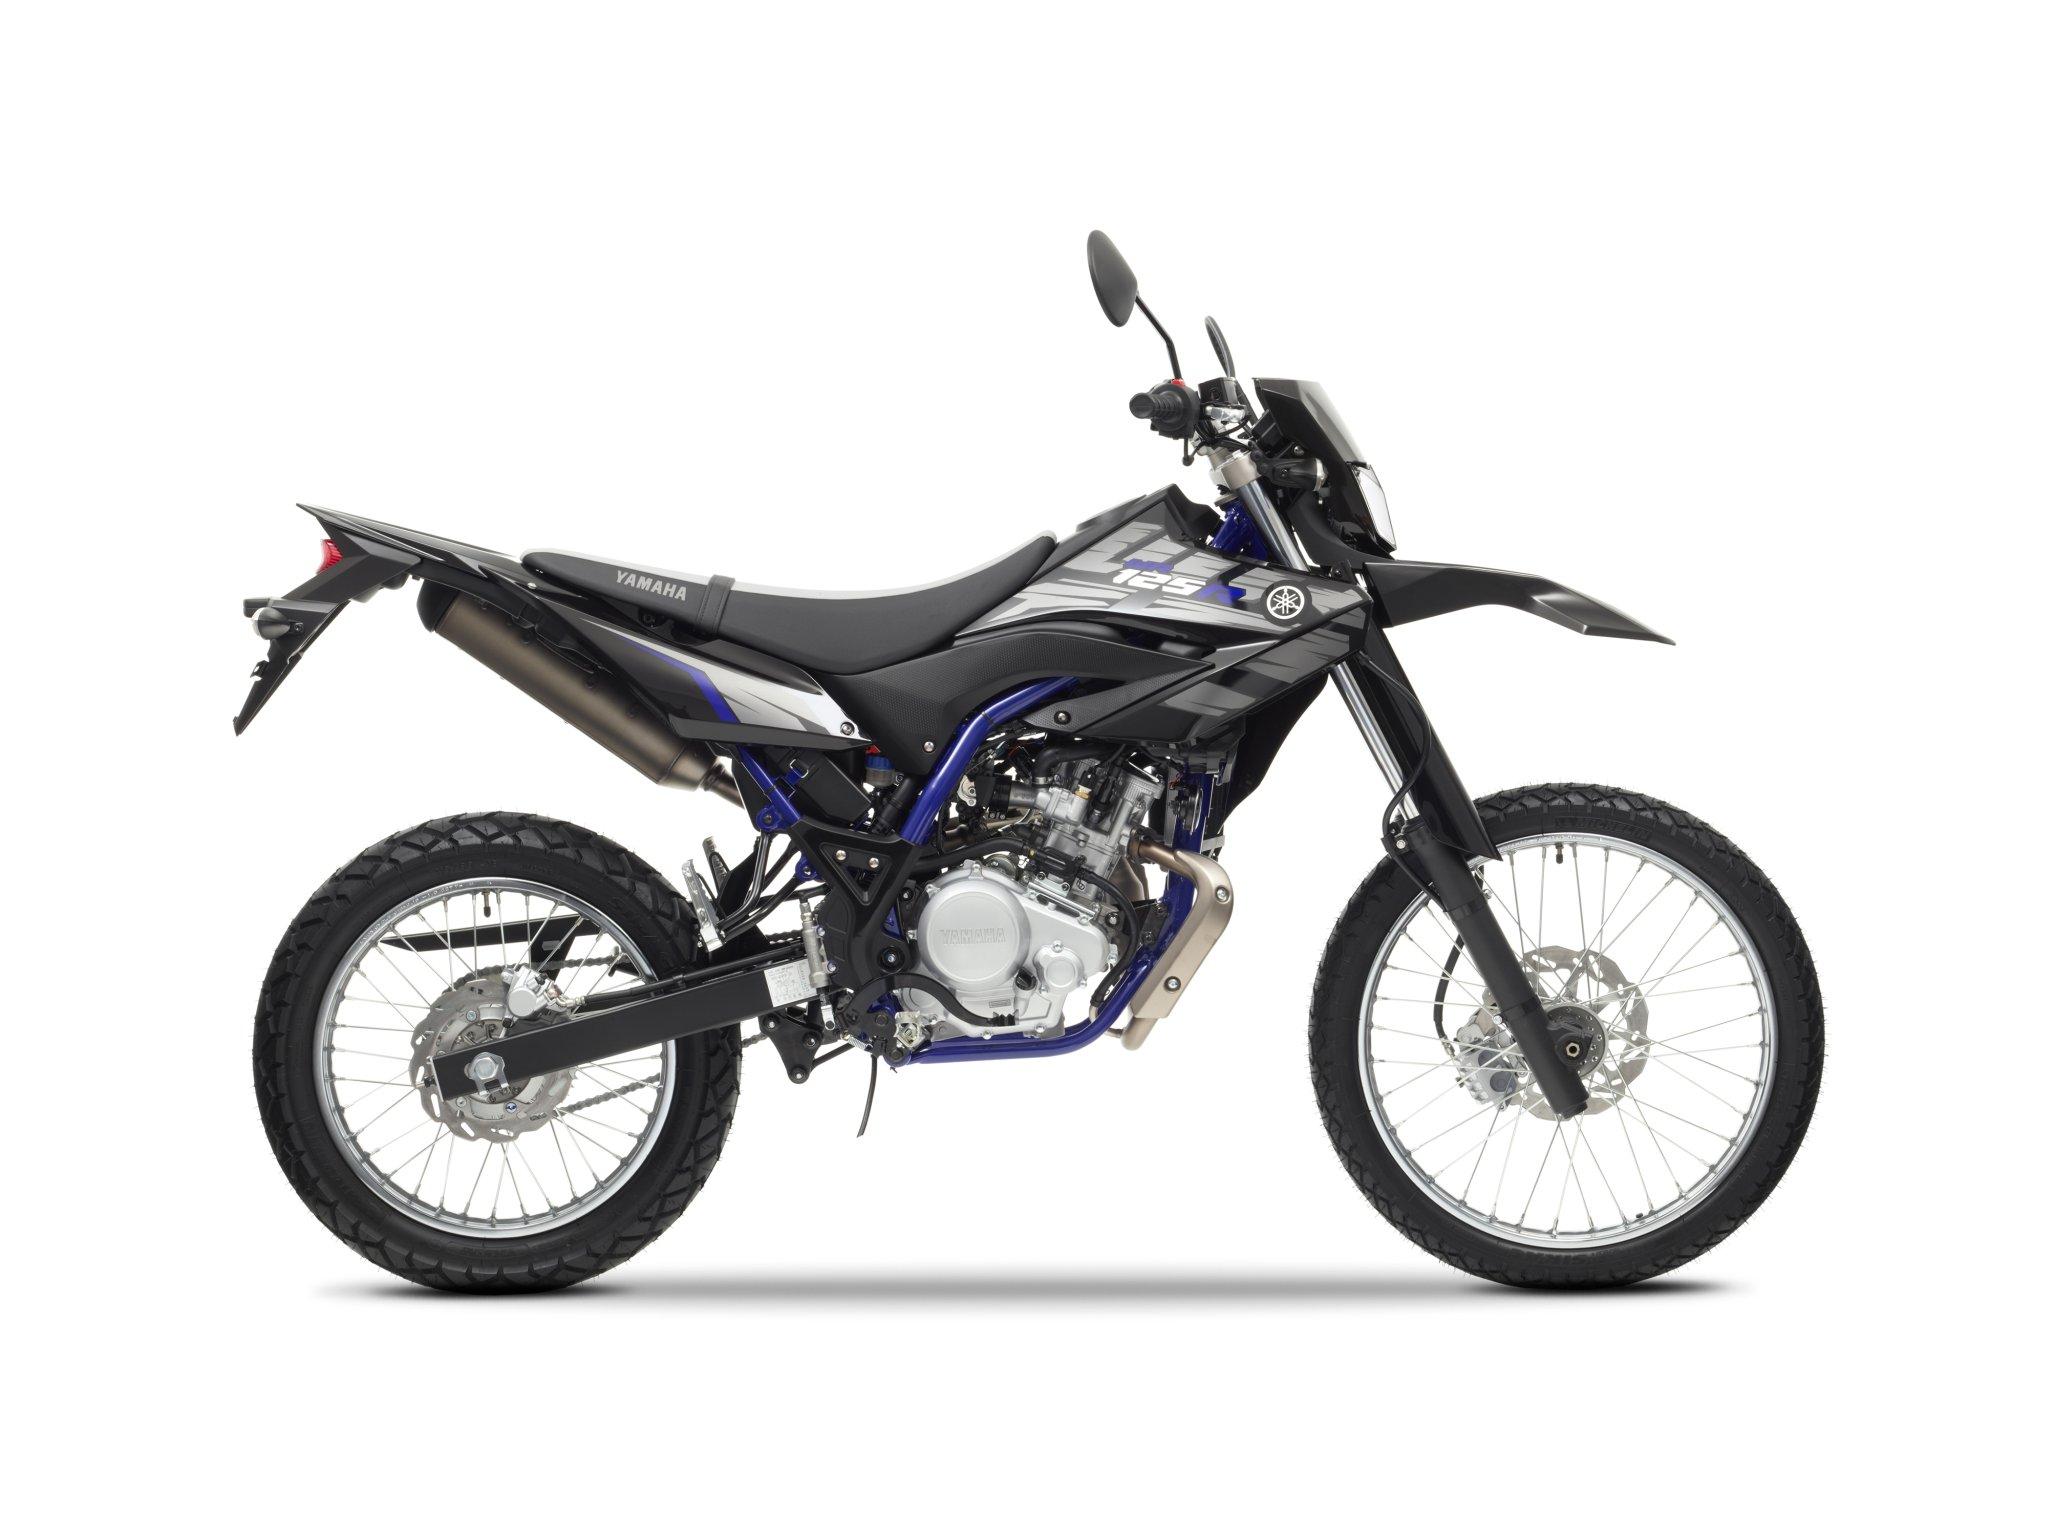 Yamaha Wr 125 R Bilder Und Technische Daten